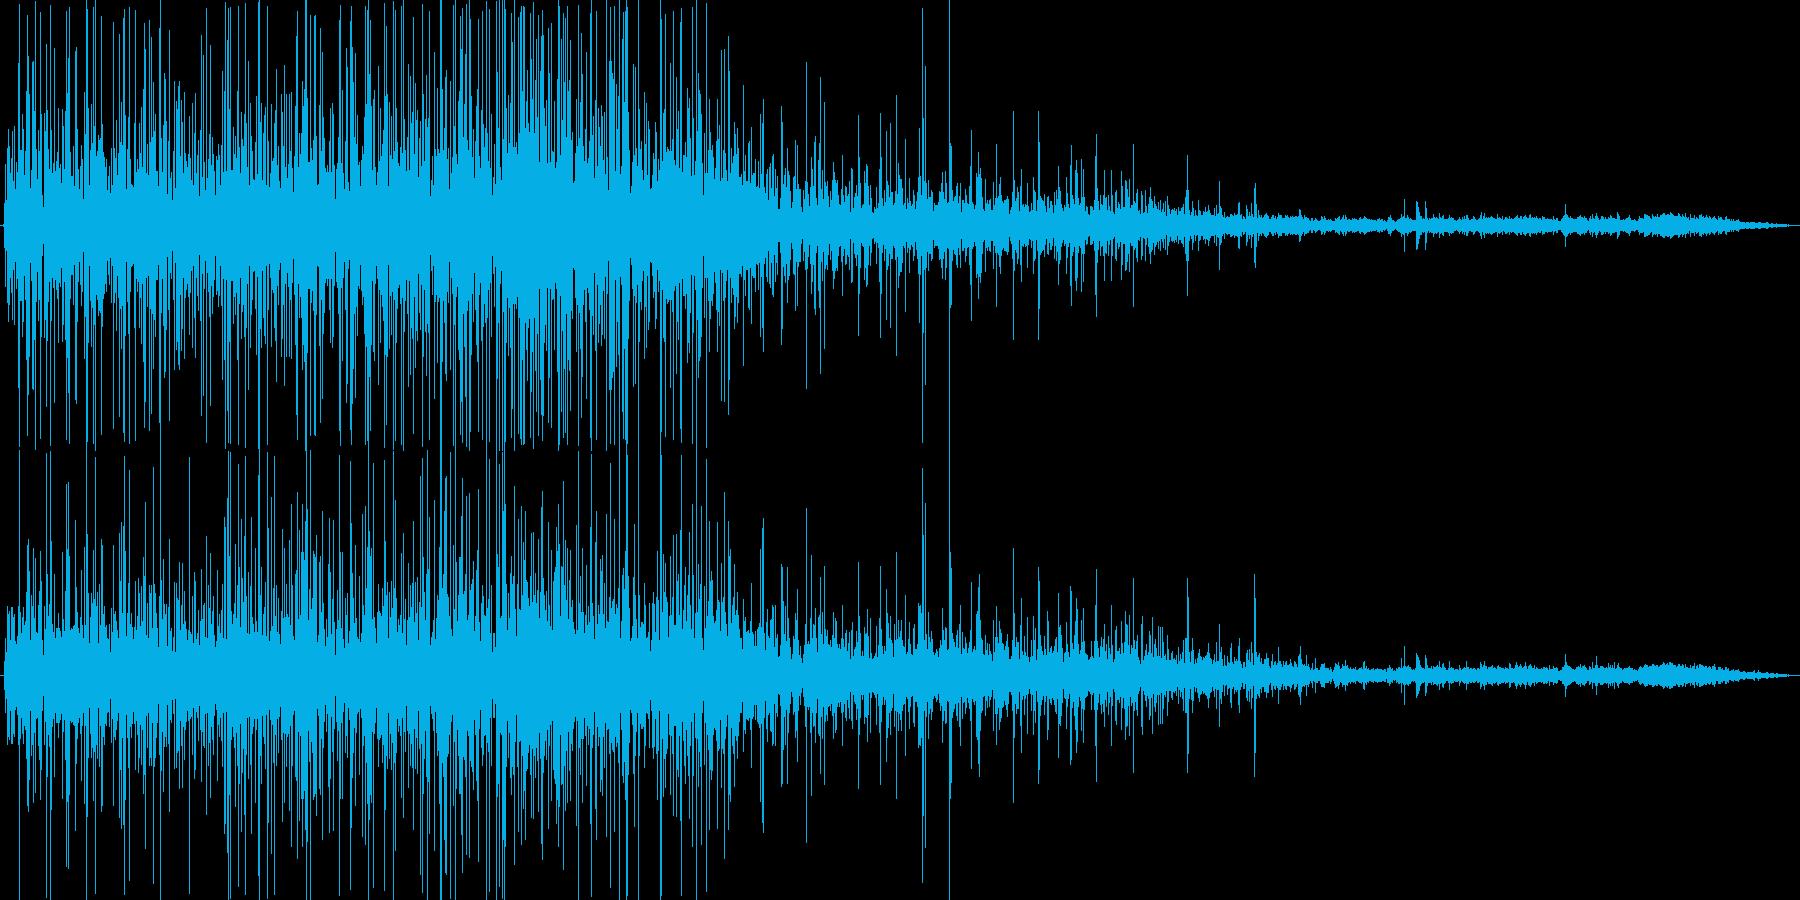 揚げ物の音の再生済みの波形